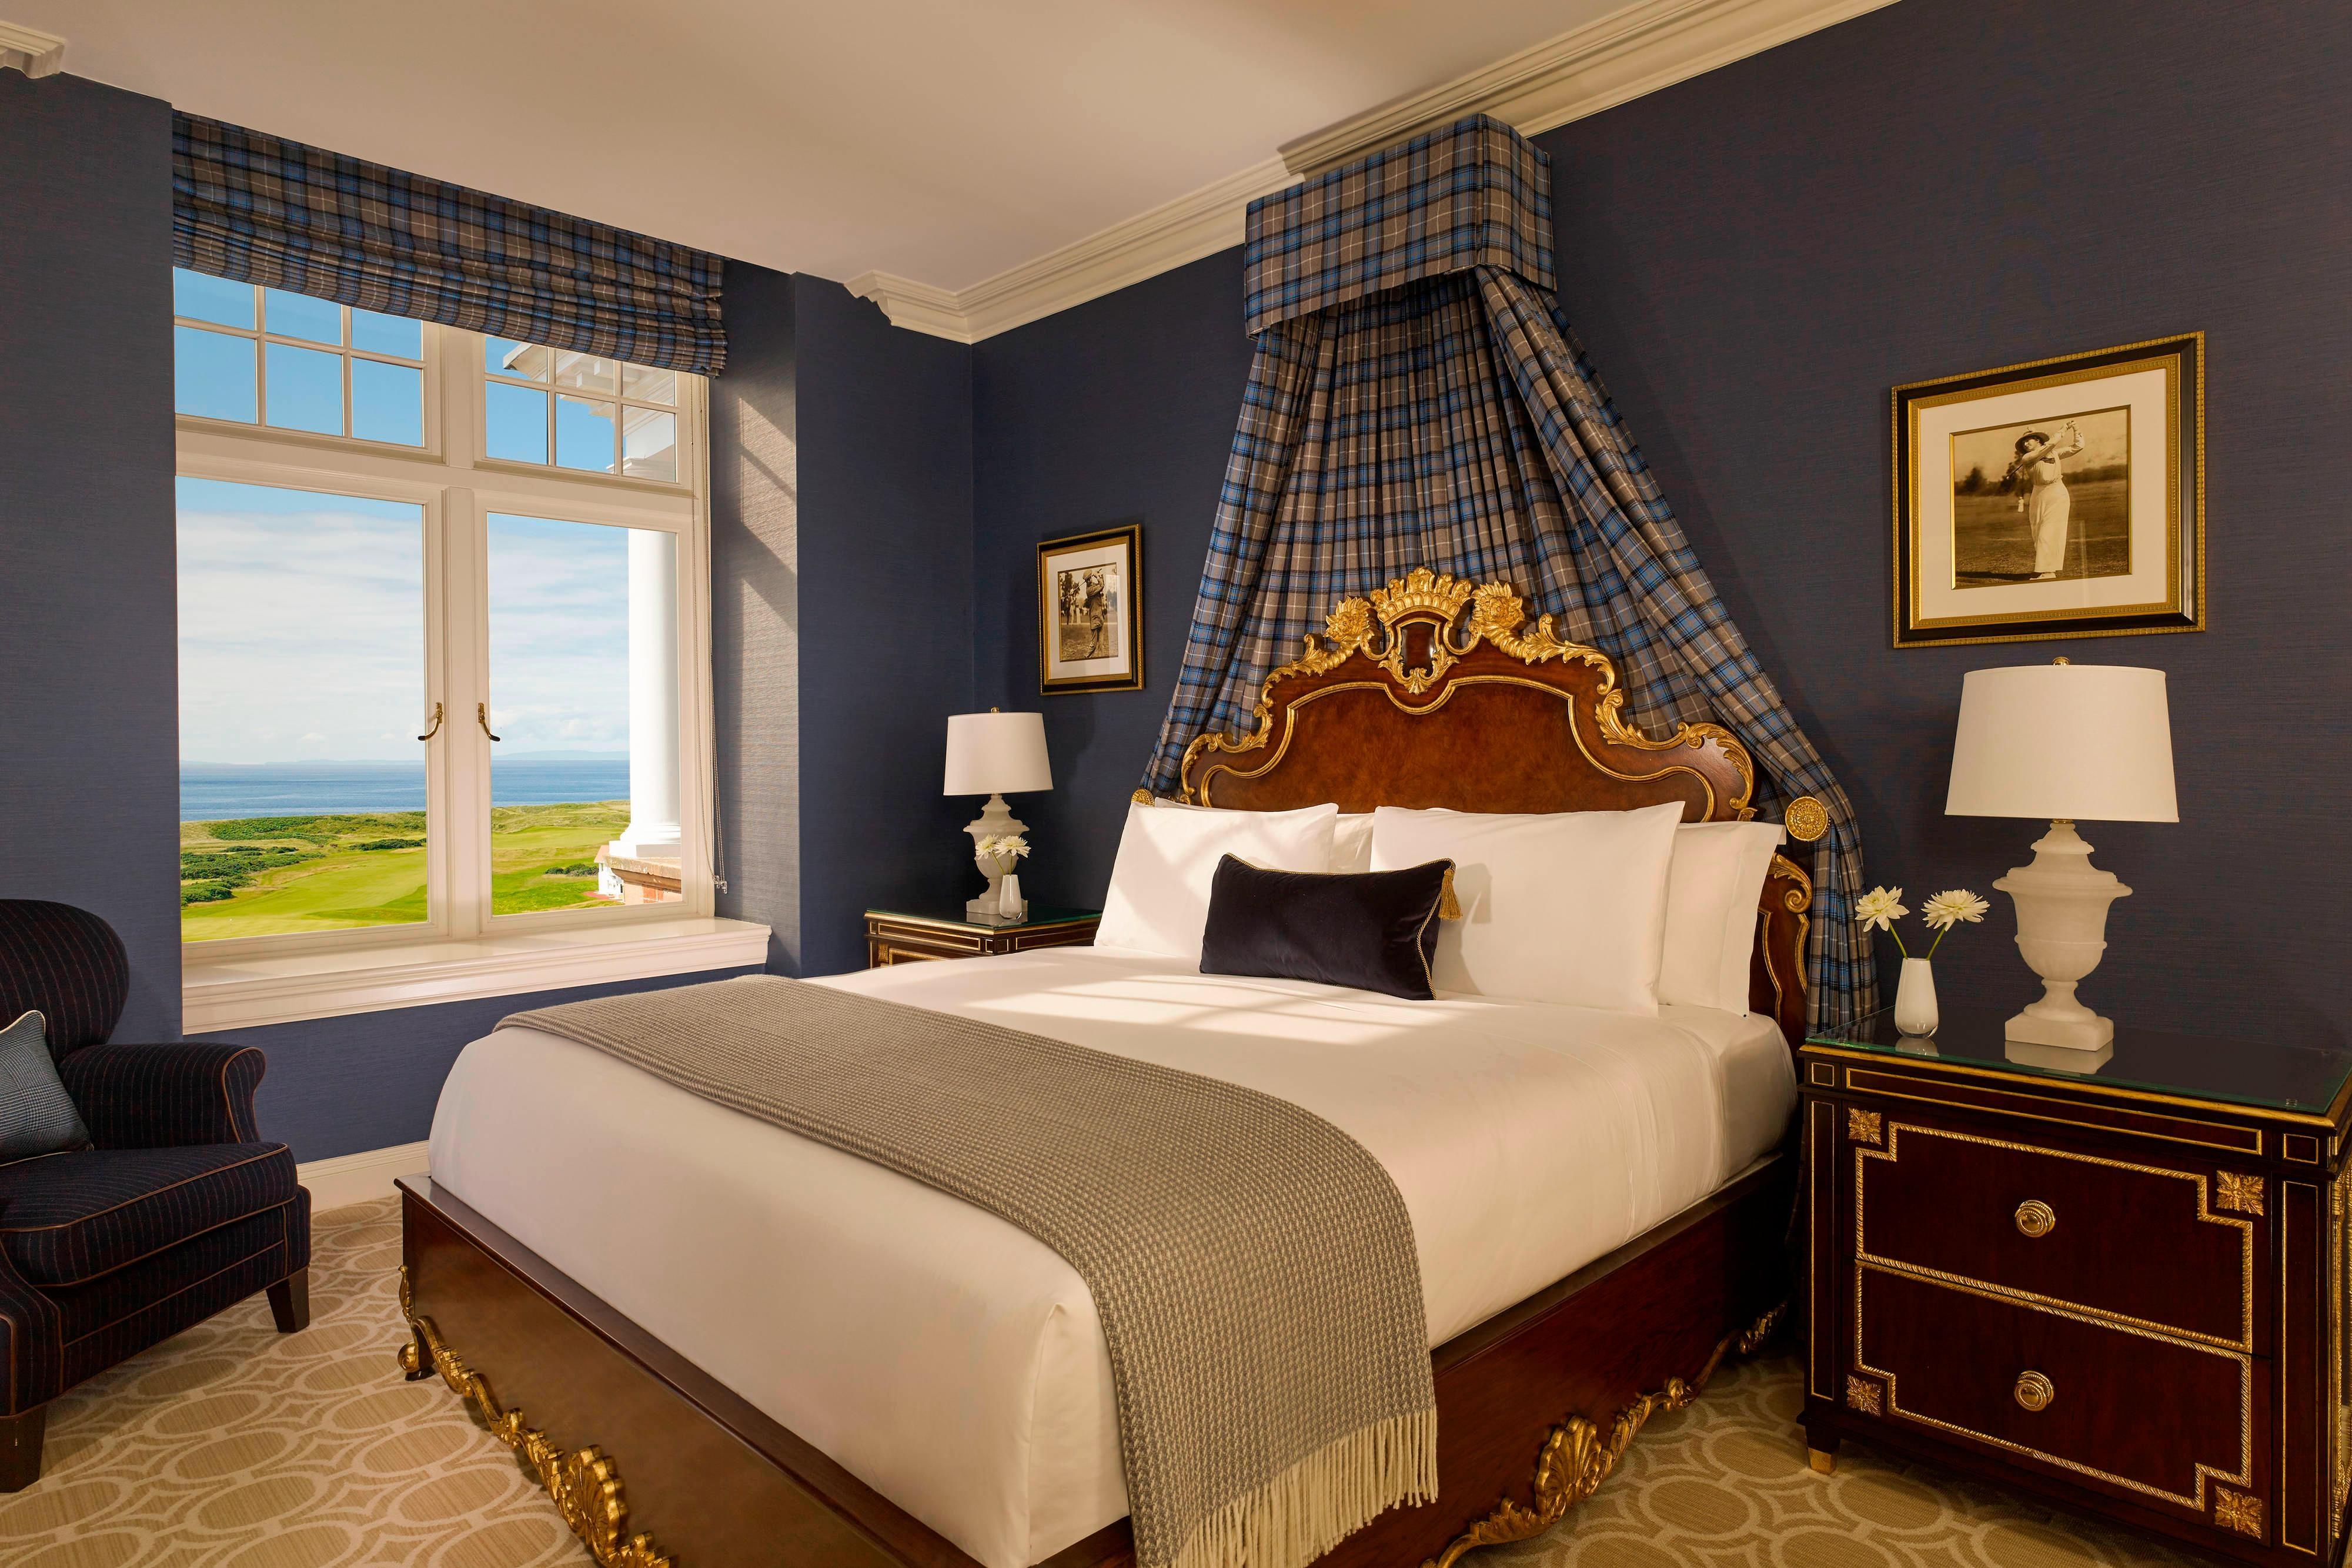 Suite con letto matrimoniale King e vista oceano - Camera da letto